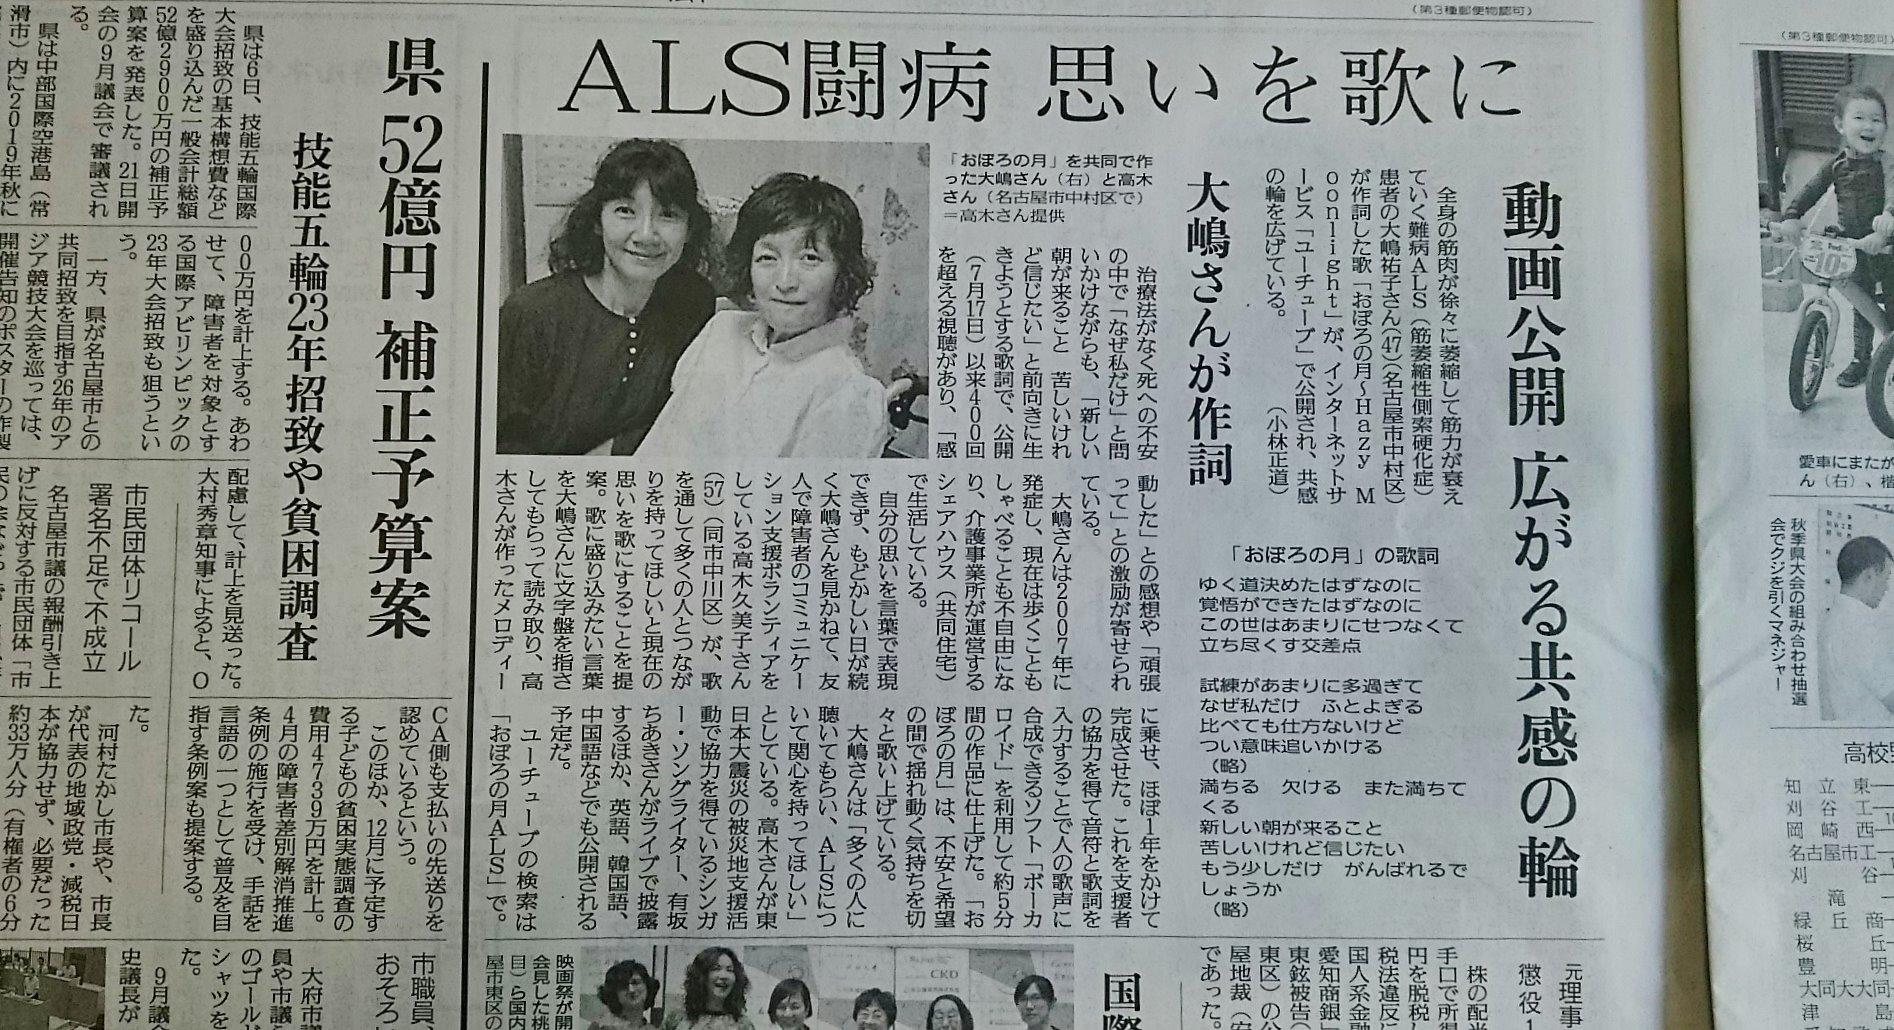 2016年読売新聞朝刊「おぼろの月」記事